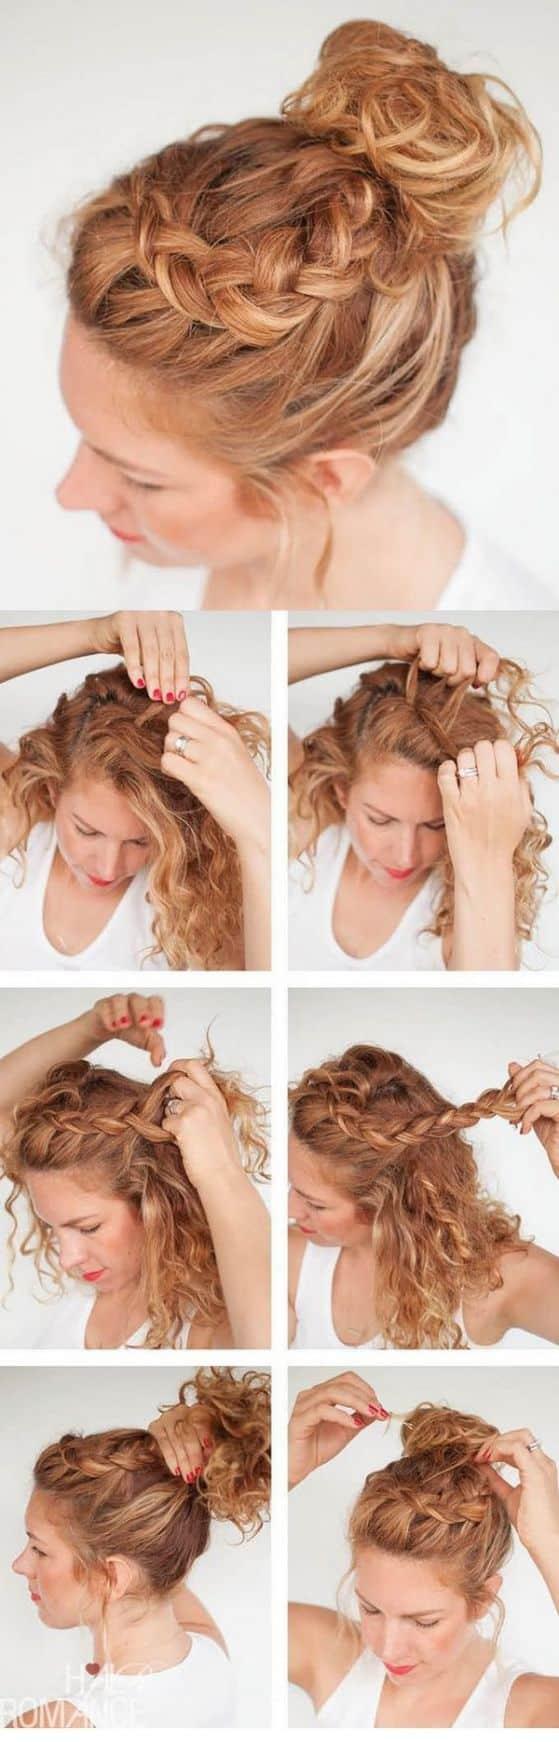 peinados faciles para cabello rizado